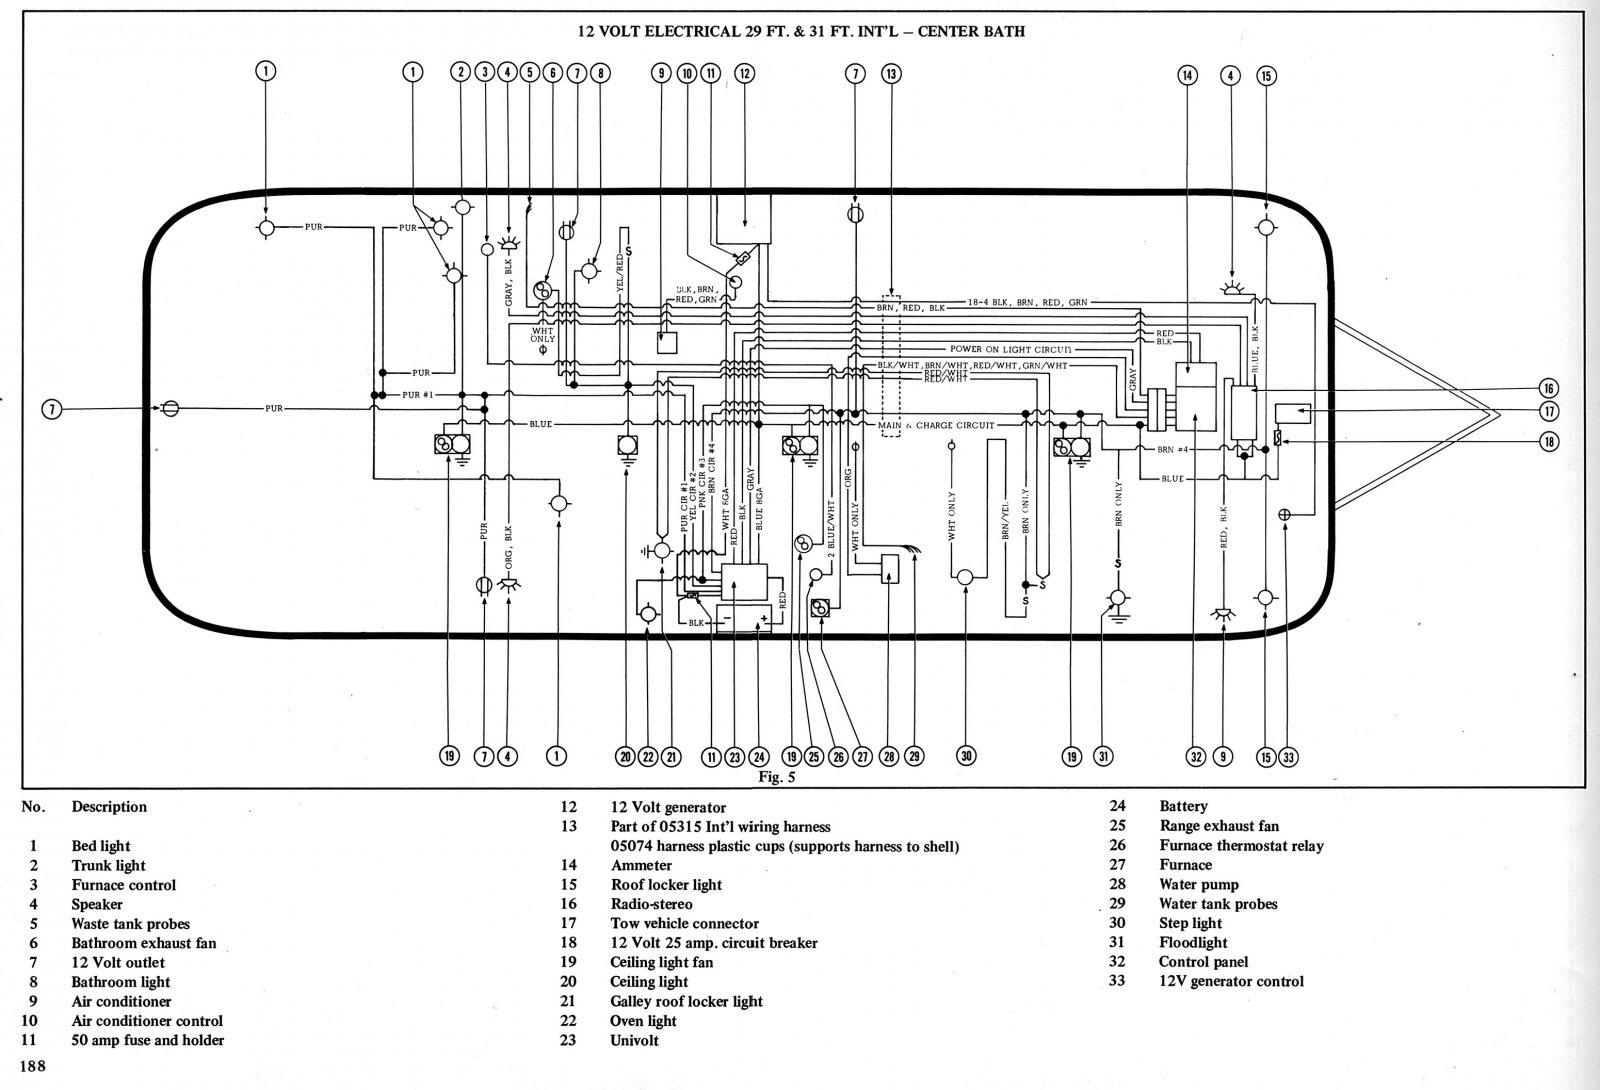 Hyundai Entourage Wiring Diagrams. Hyundai. Auto Wiring